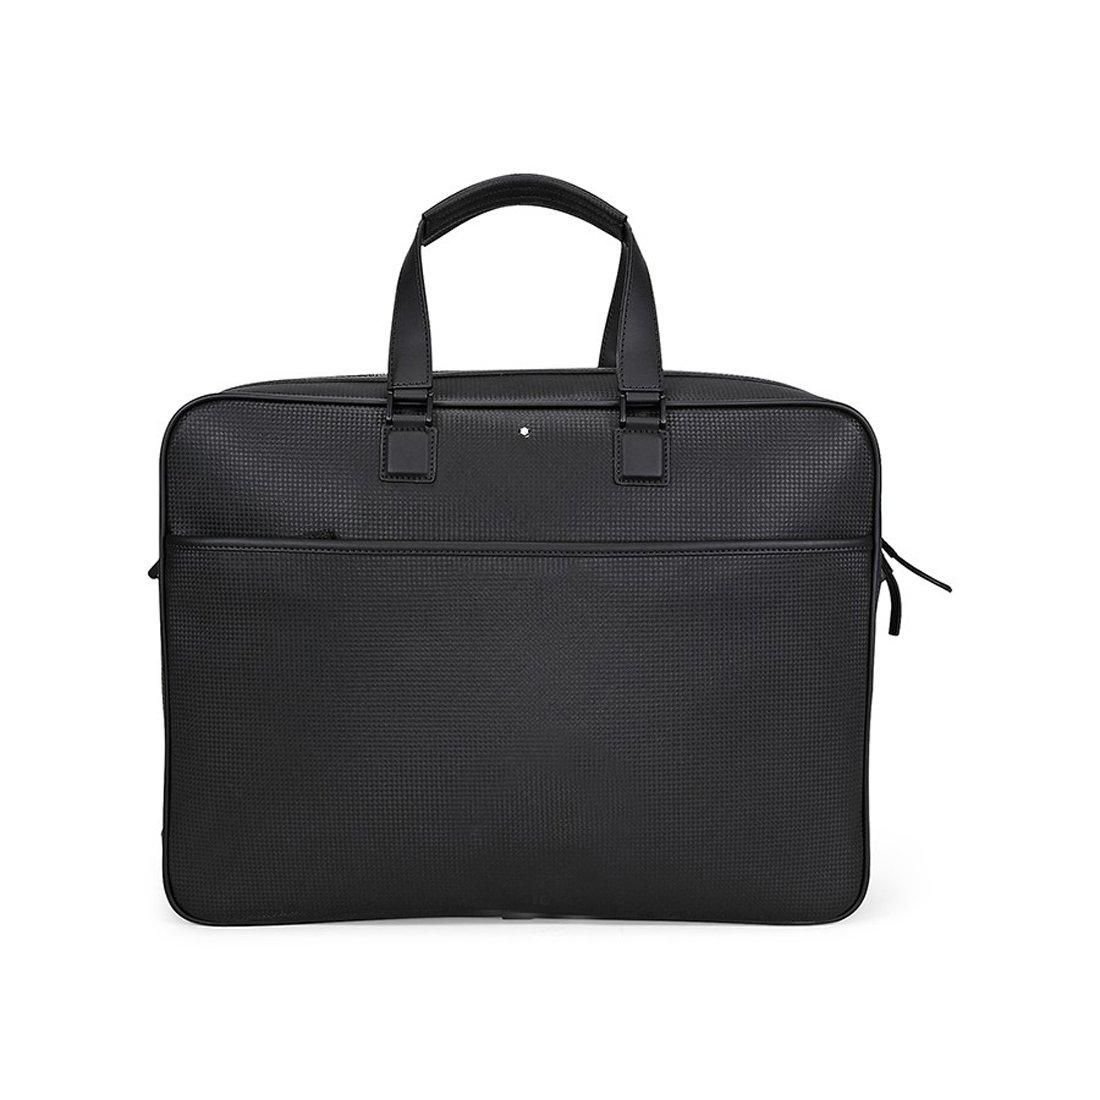 モンブラン ビジネスバッグ ウエストサイド ブラック ノートパソコン収納 カーボン Montblanc Meisterstuck Westside Extreme Document Case 111135 新品 [並行輸入品] B07B13N81K